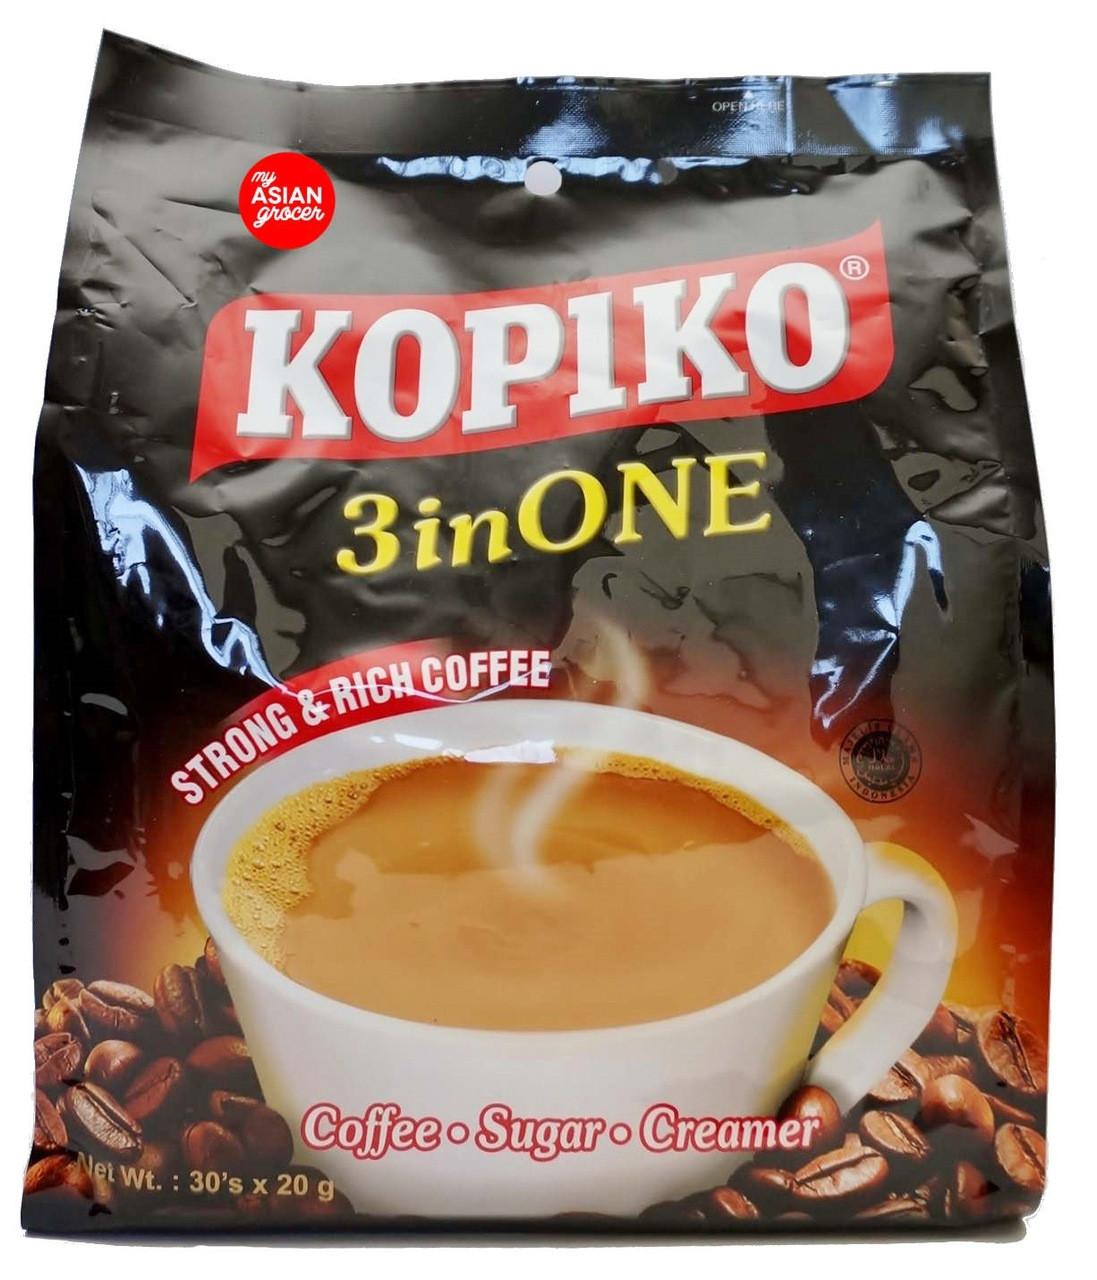 Kopiko 3 in One Coffee Mix 20g x 30